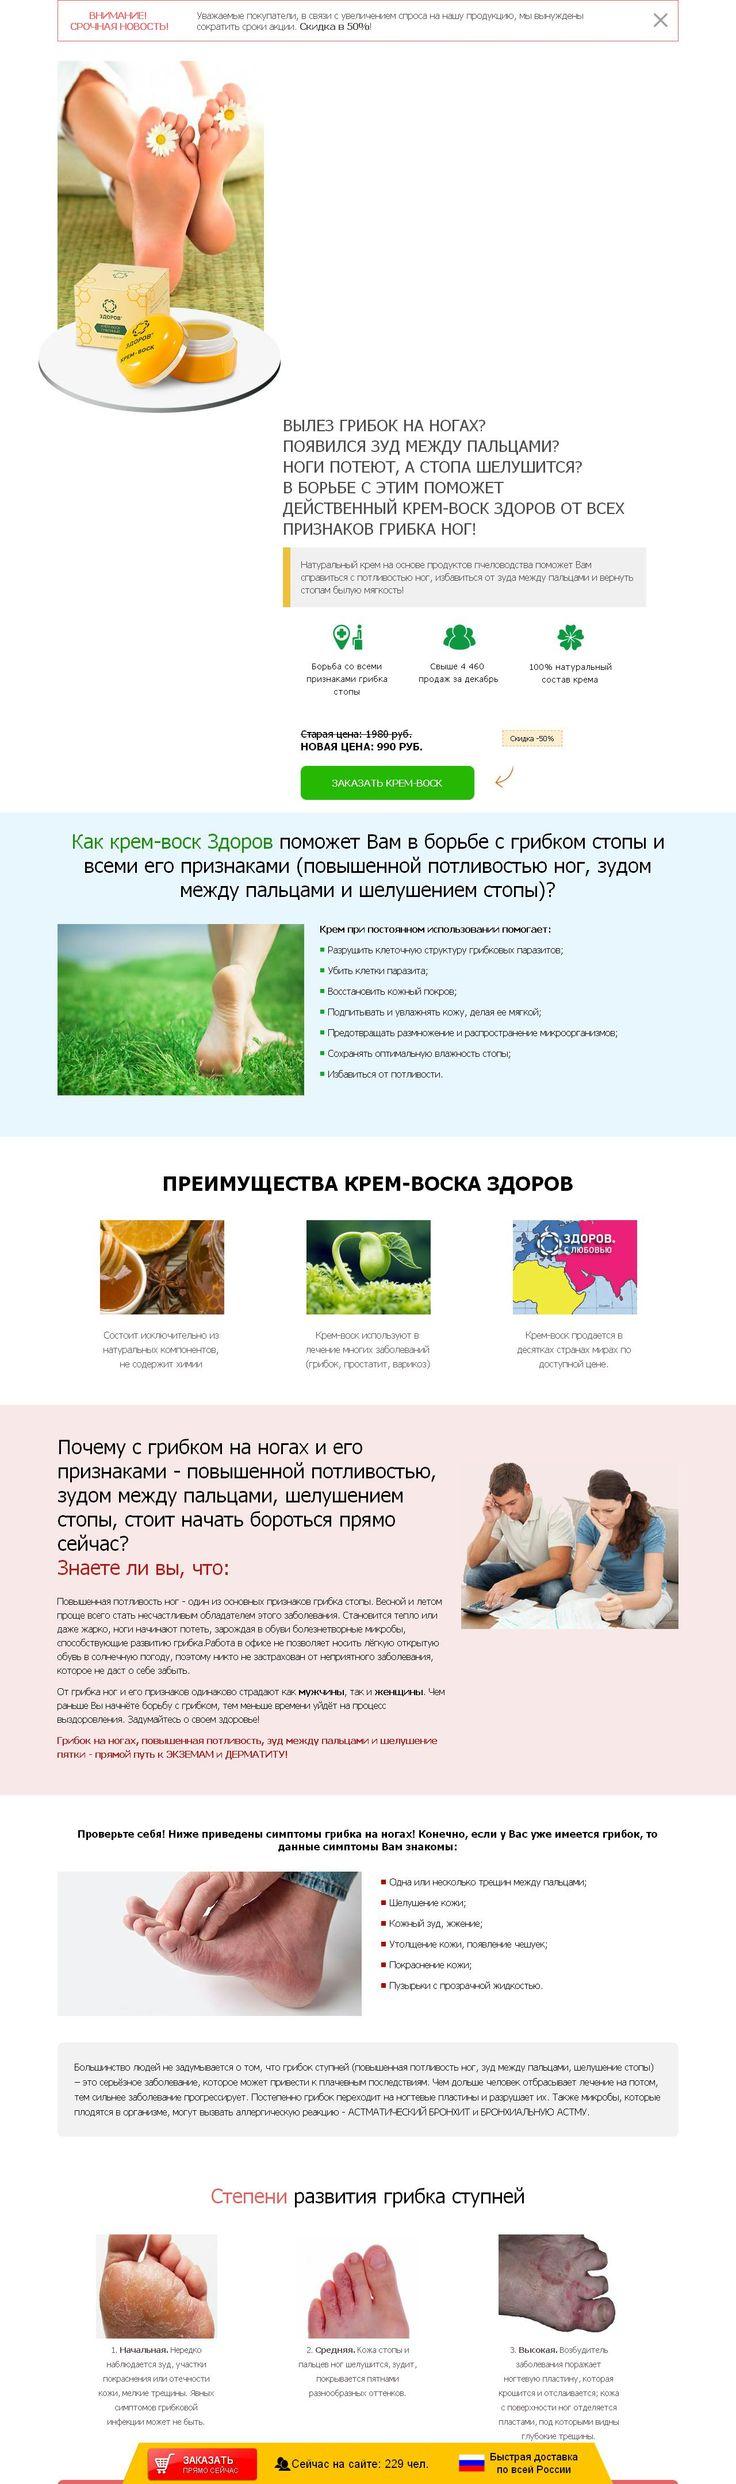 Крем-воск Здоров от грибка